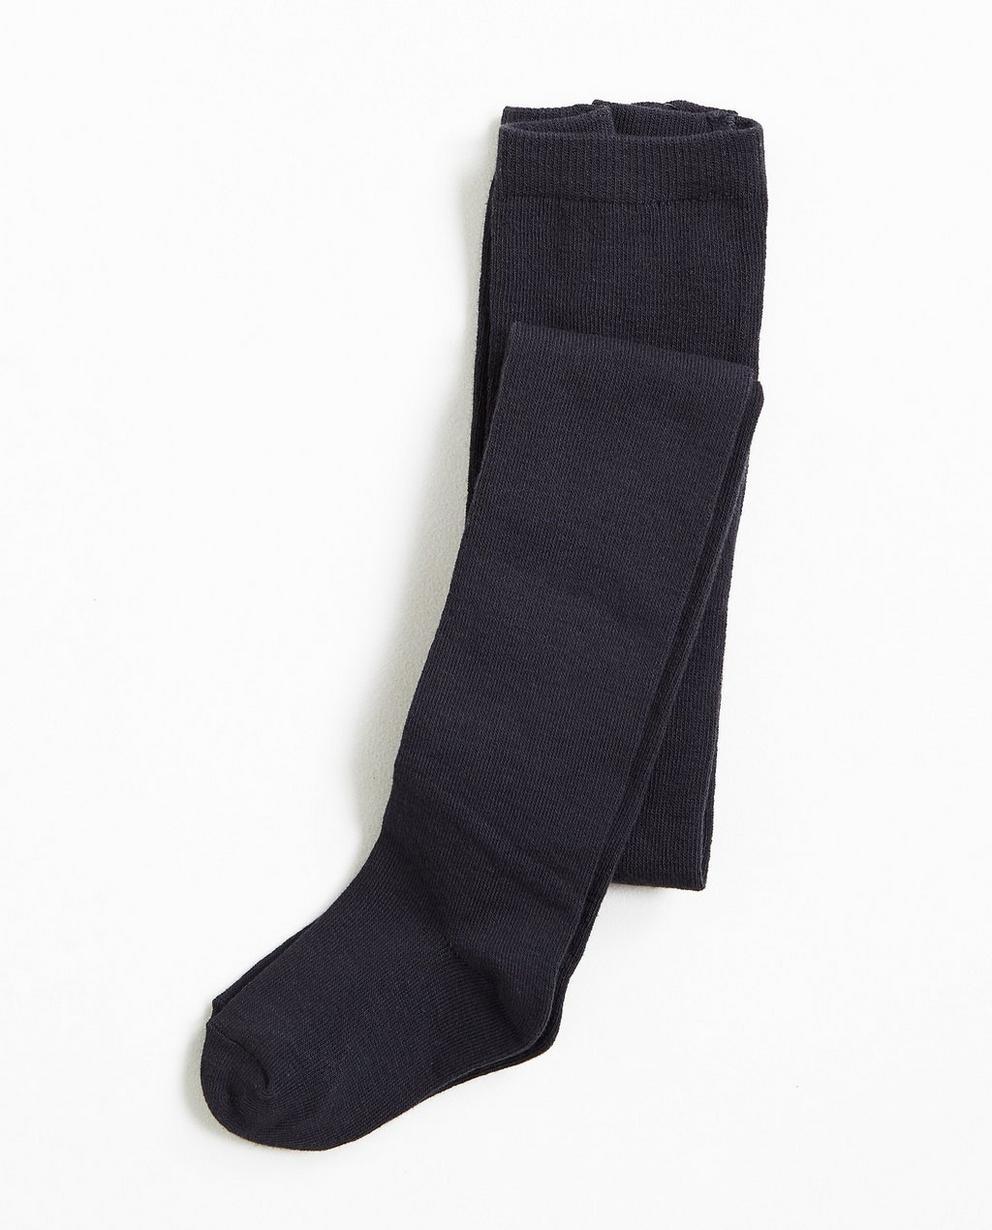 Collant bleu nuit - culotte renforcée - K3